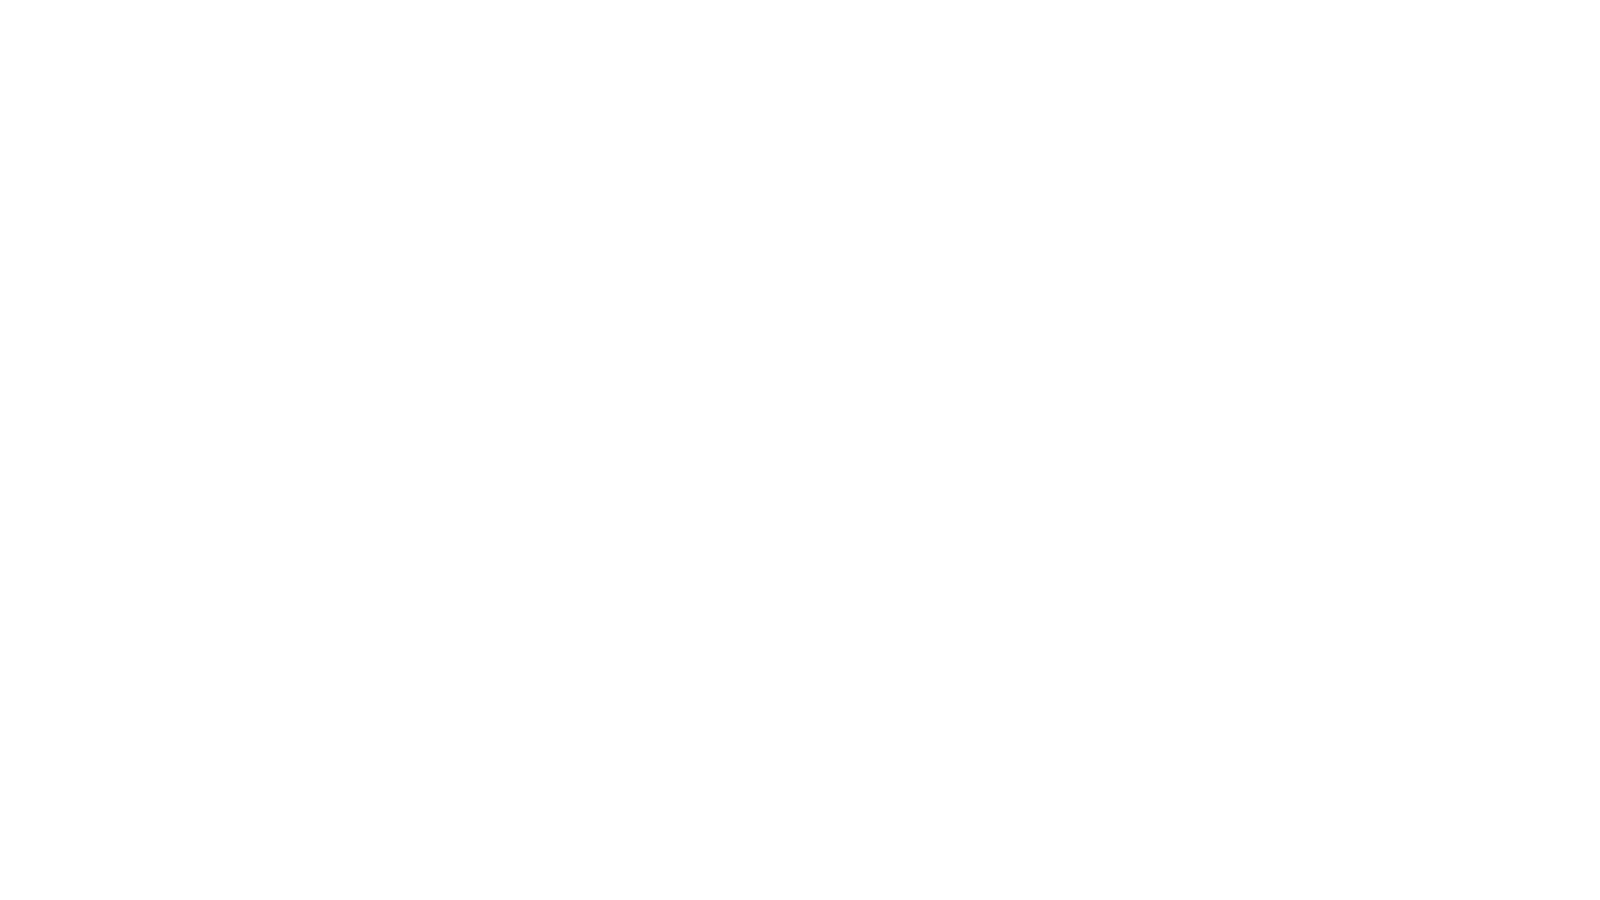 Río Gallegos, lunes 25 de octubre de 2021.- El Parlamento Patagónico inicia las reuniones previas a la celebración de la segunda sesión ordinaria del cuerpo regional. El presidente de ese espacio, legislador Emmanuel Trentino (FORJA) mantuvo un encuentro con la titular del Poder Ejecutivo santacruceño, gobernadora Alicia Kirchner y en horas de la noche de hoy, se reunió con sus pares de la Patagonia en la comisión de Labor Parlamentaria.